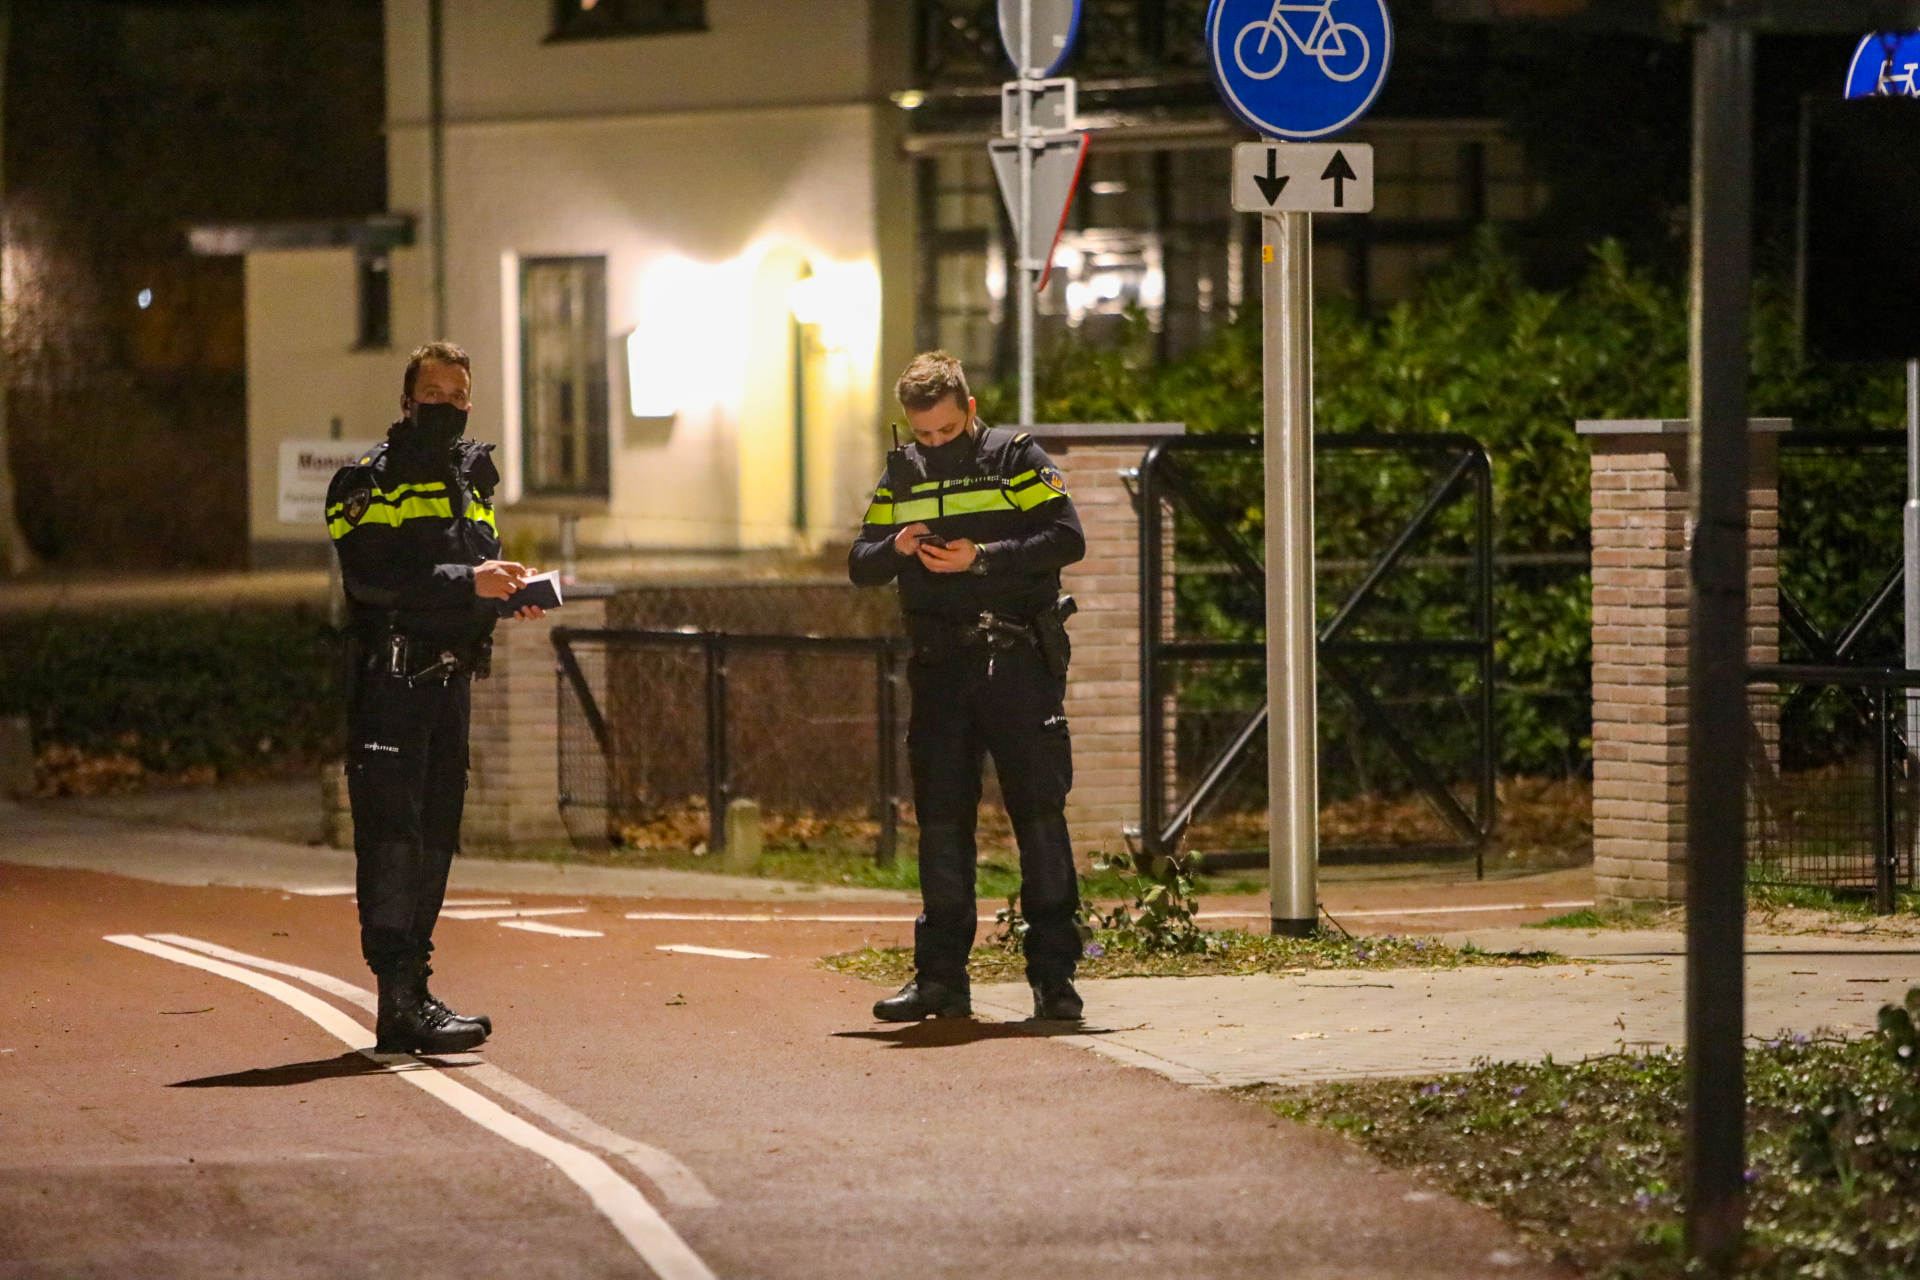 Voetganger aangereden in Vaassen; bestuurder rijdt door